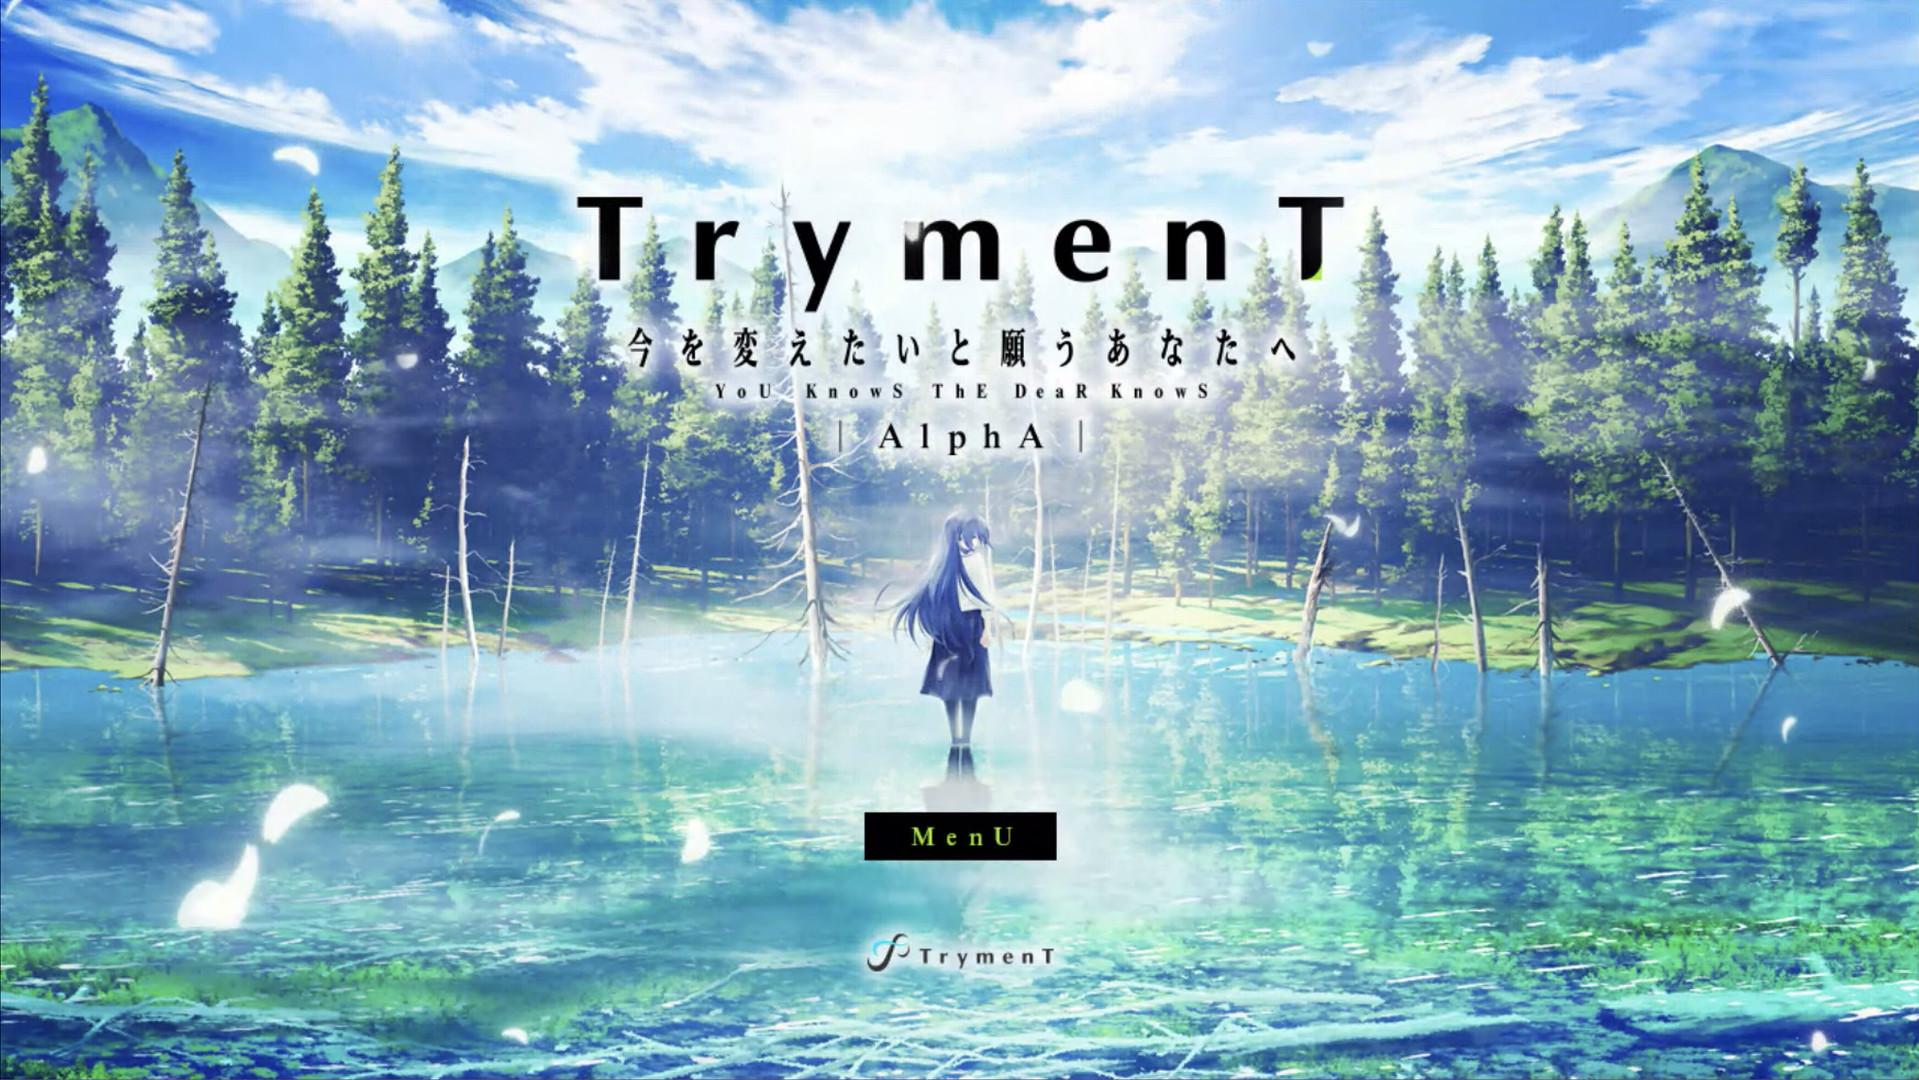 今 を 変え たい と 願う あなた へ Steam:TrymenT ―今を変えたいと願うあなたへ―